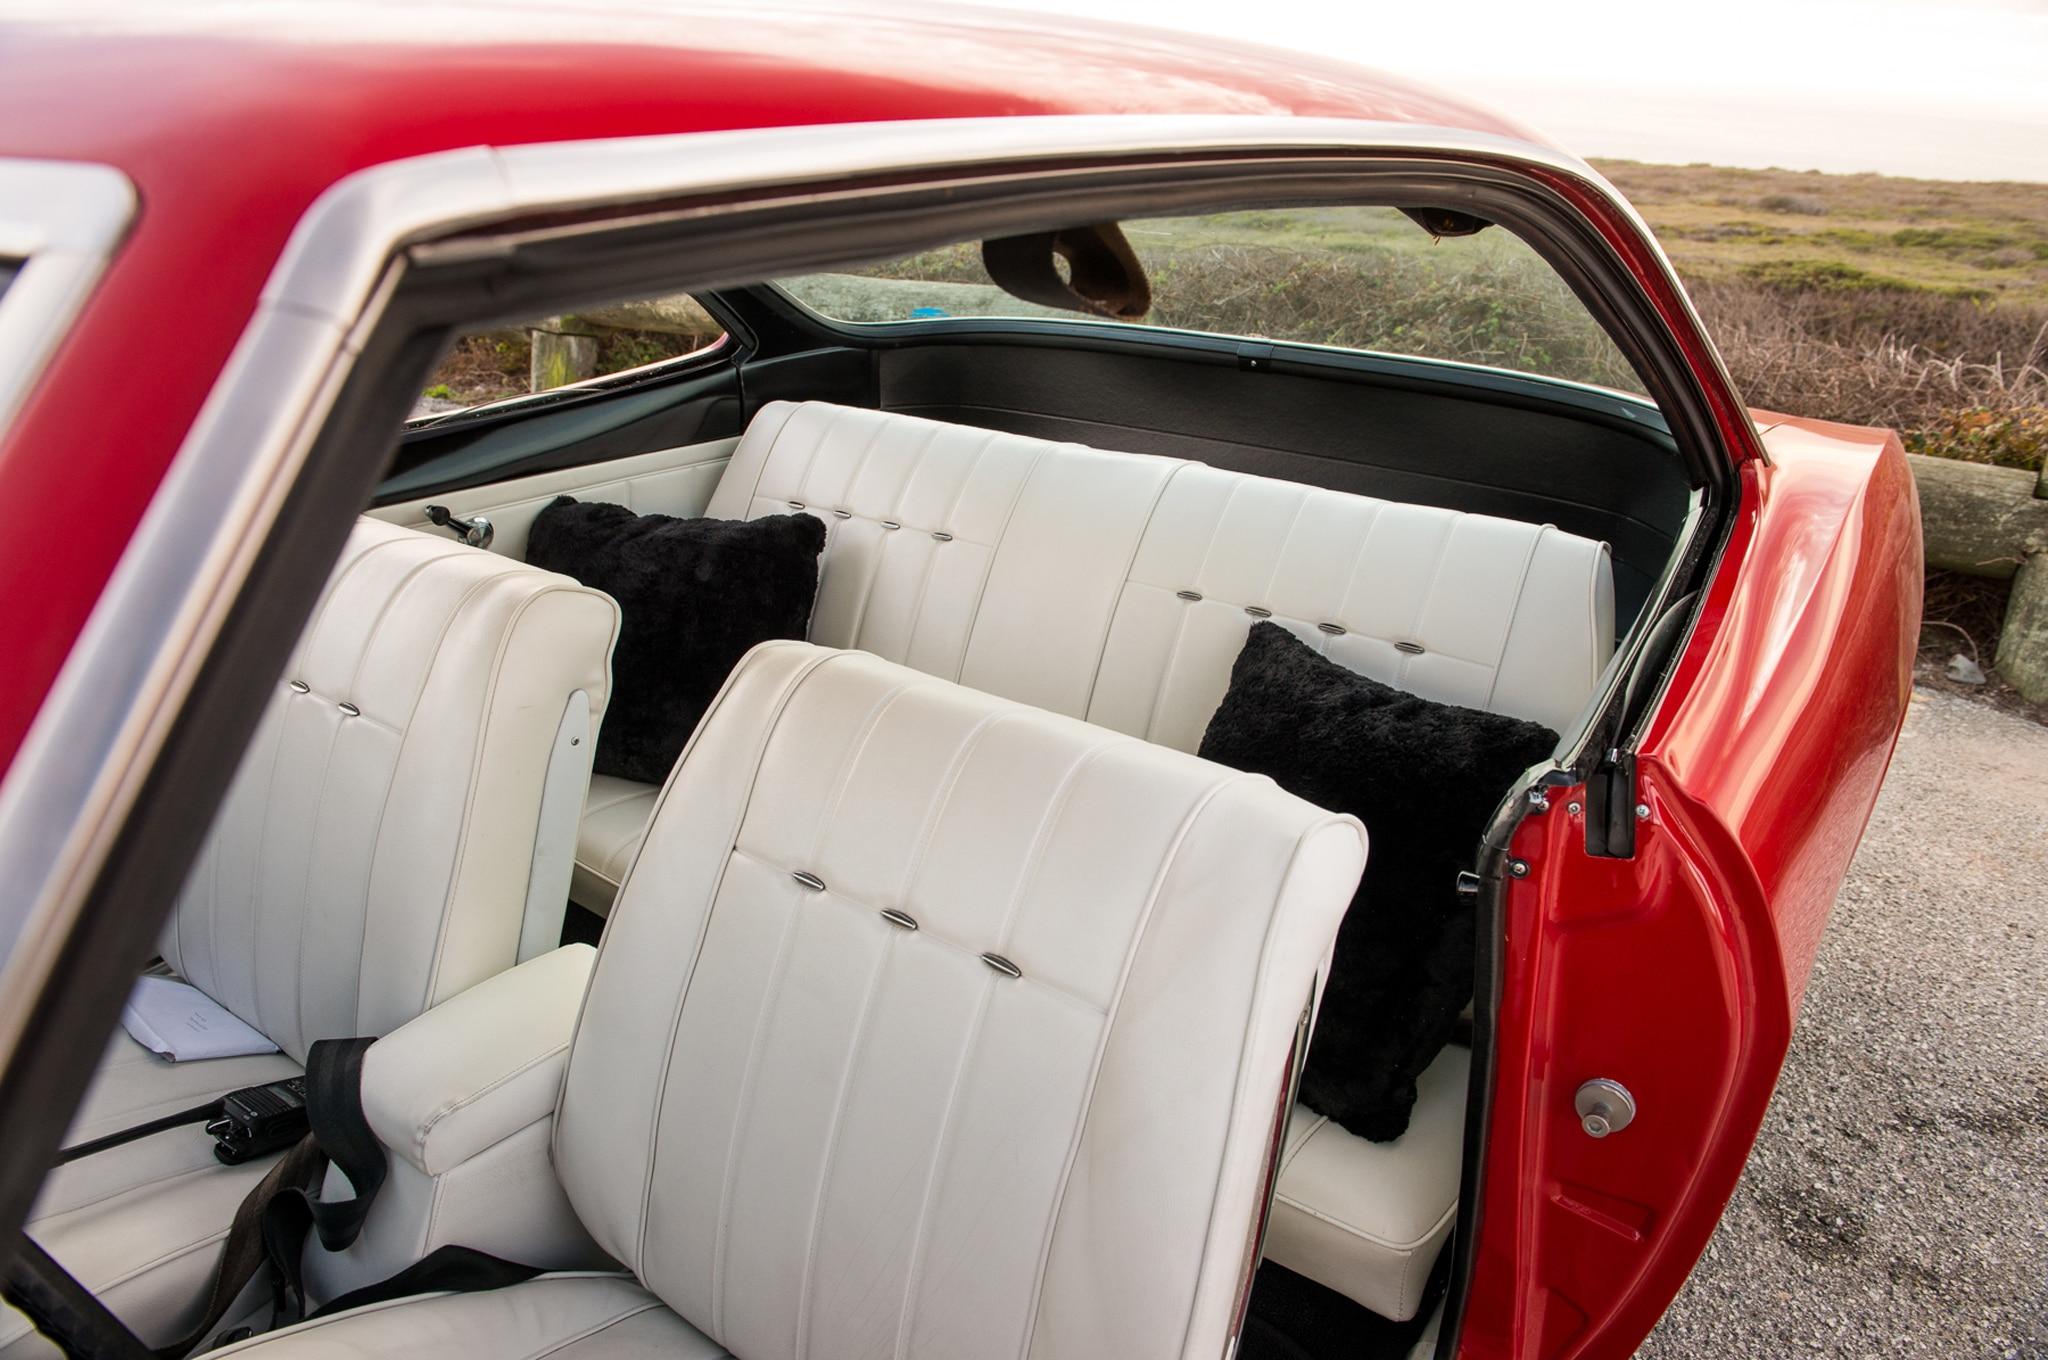 Chevrolet Corvair Interior on 1969 Corvair Corsa